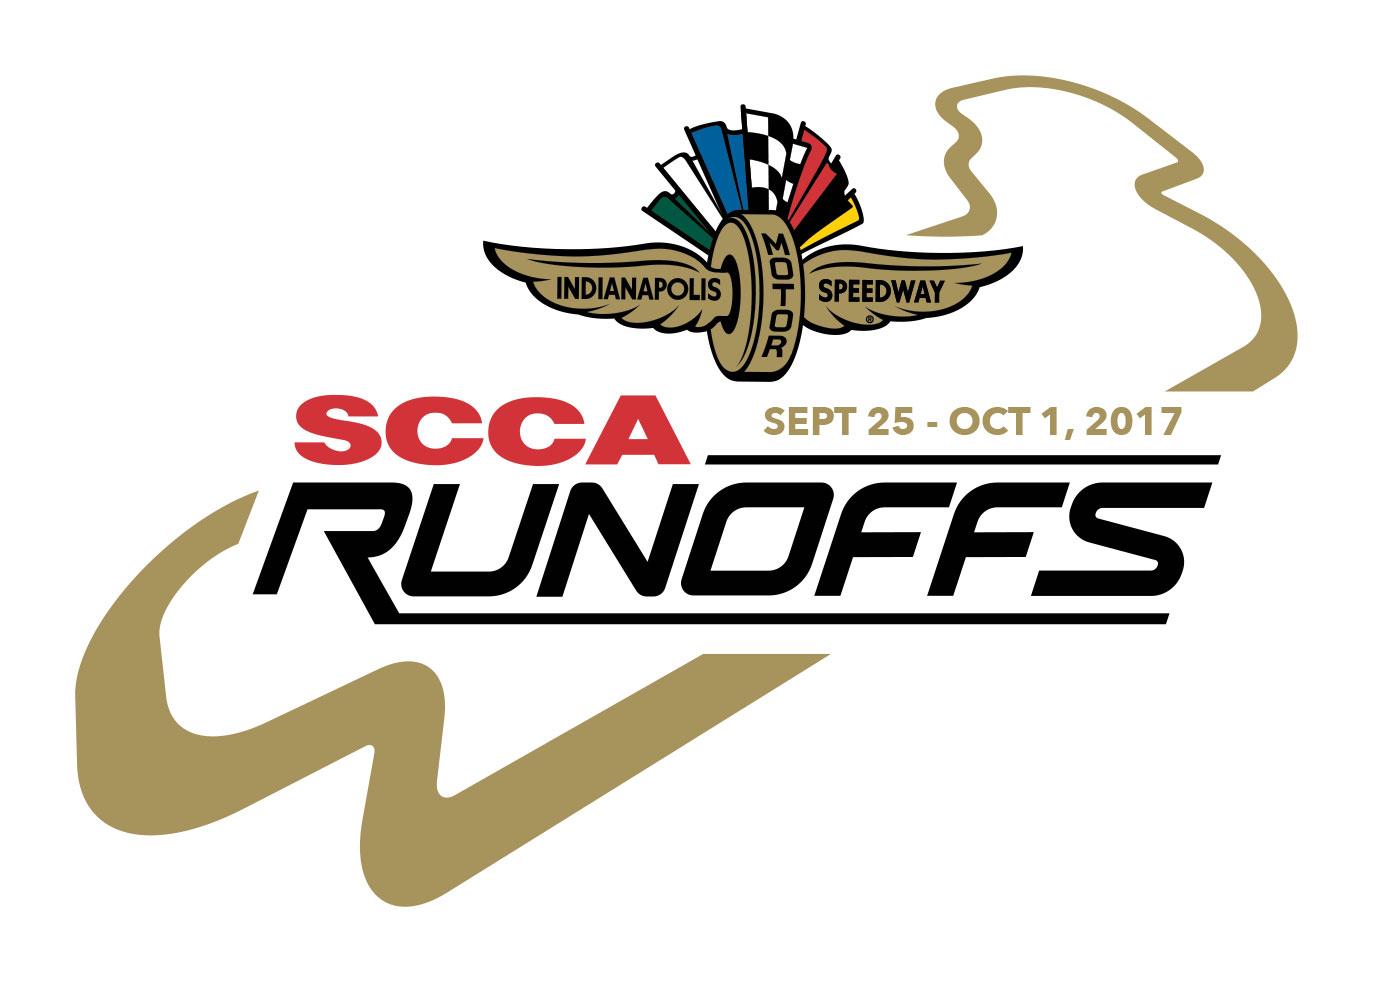 scca-runoffs-indy-pos.jpg